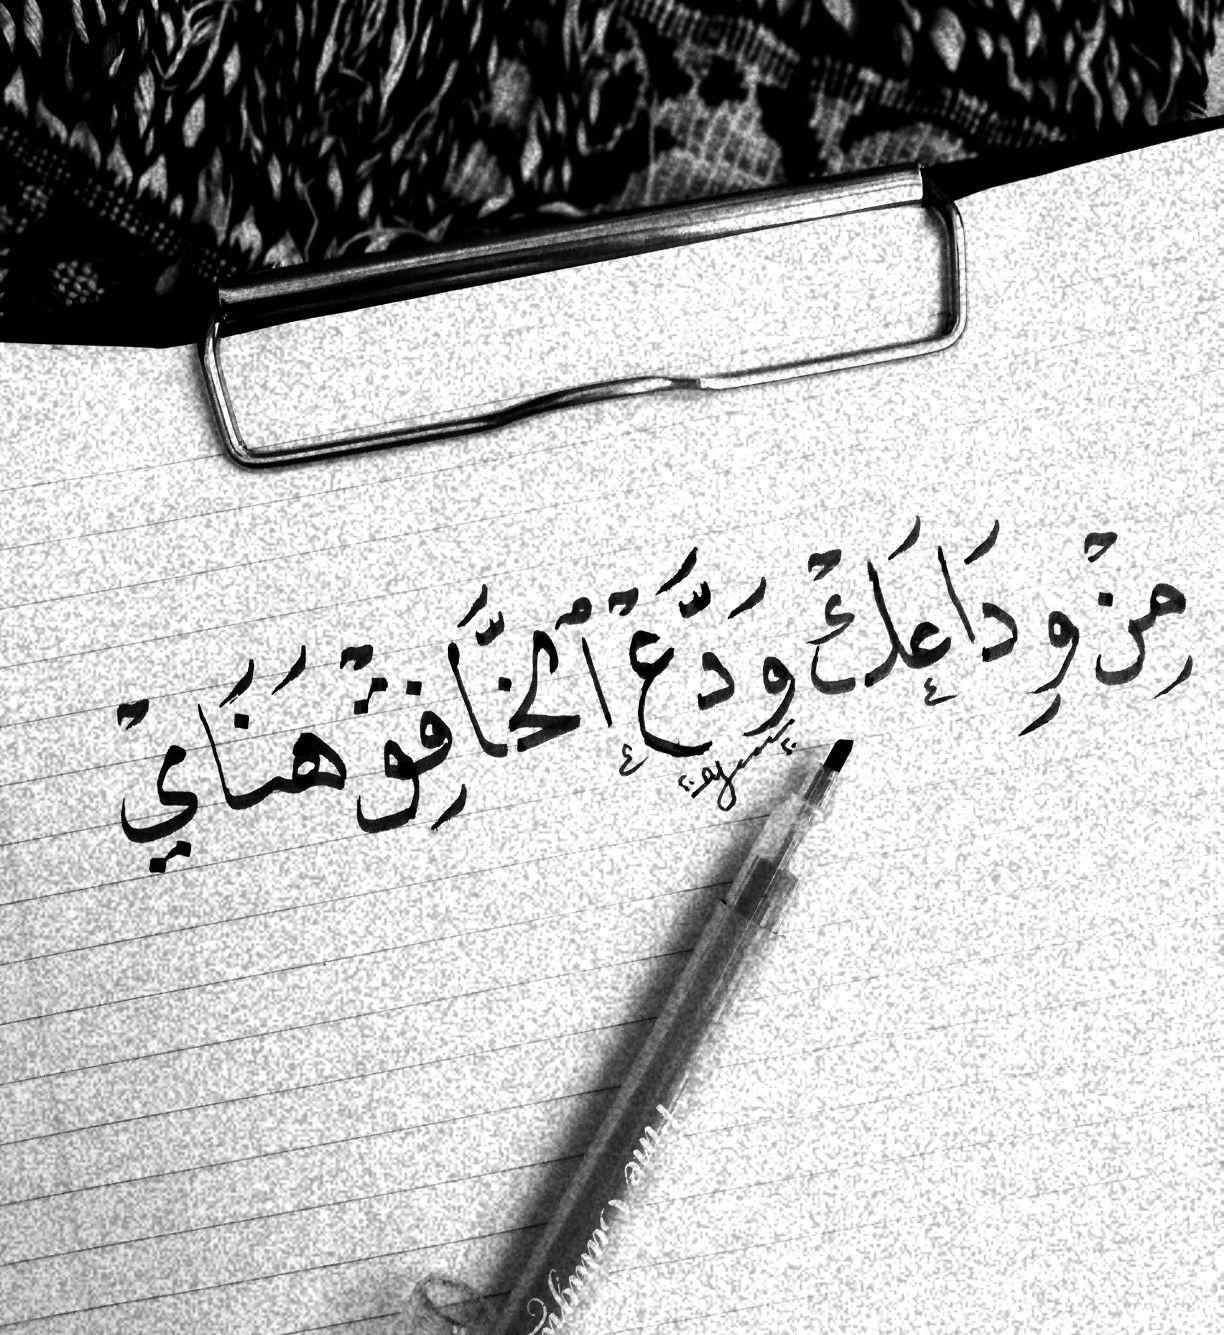 من وداعك ودع الخافق هناي ومن غيابك صار ينتابه جنون Arabic Calligraphy Calligraphy Handwriting